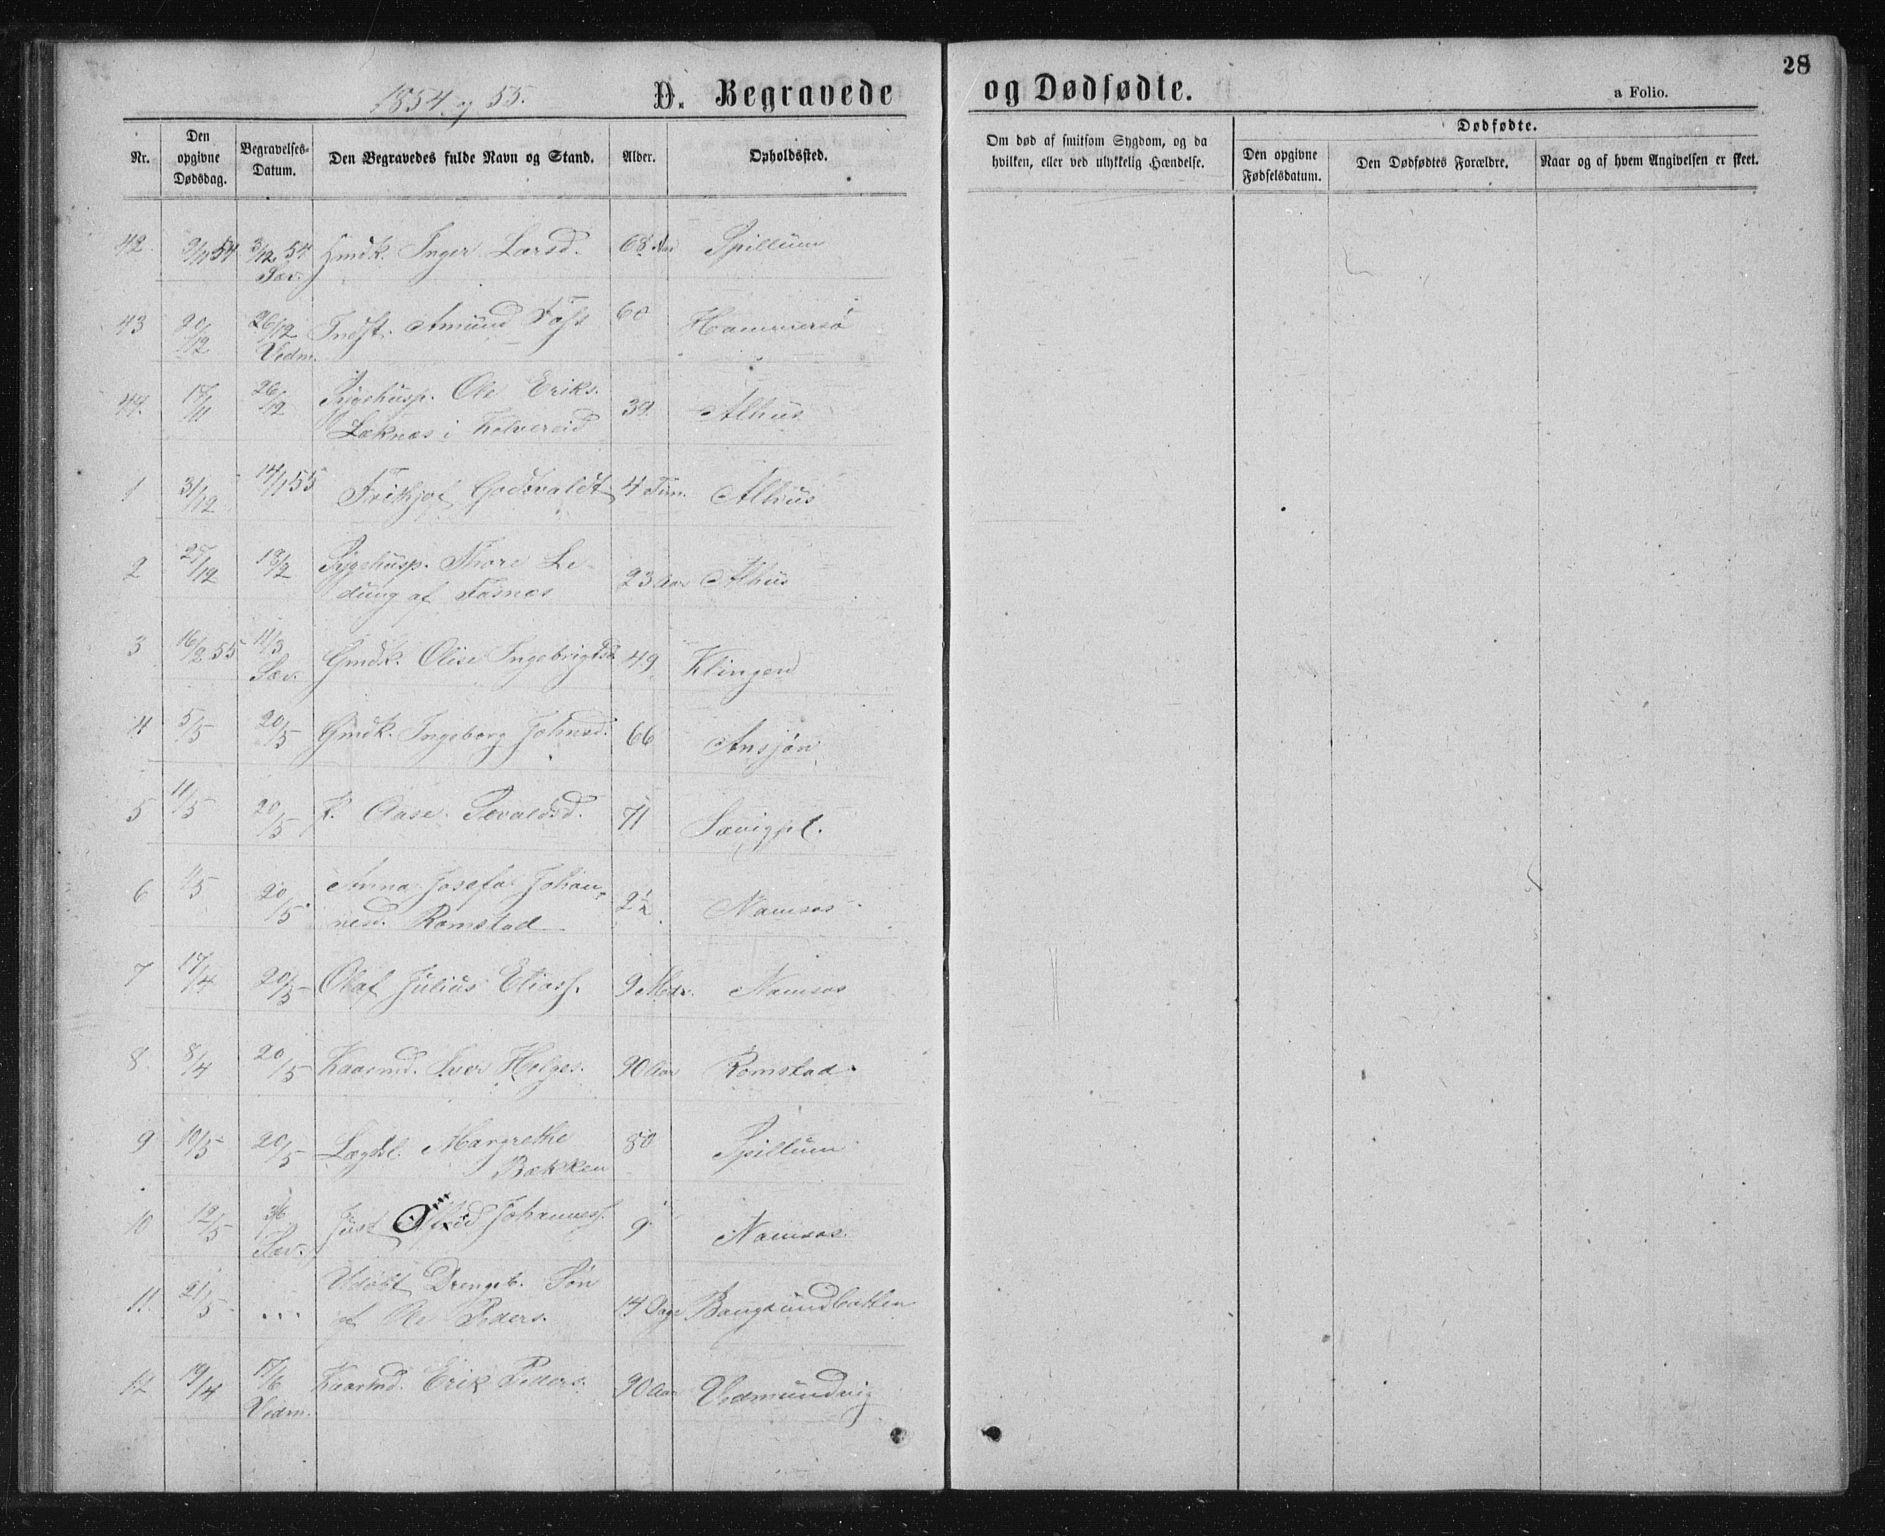 SAT, Ministerialprotokoller, klokkerbøker og fødselsregistre - Nord-Trøndelag, 768/L0569: Ministerialbok nr. 768A04, 1836-1865, s. 28